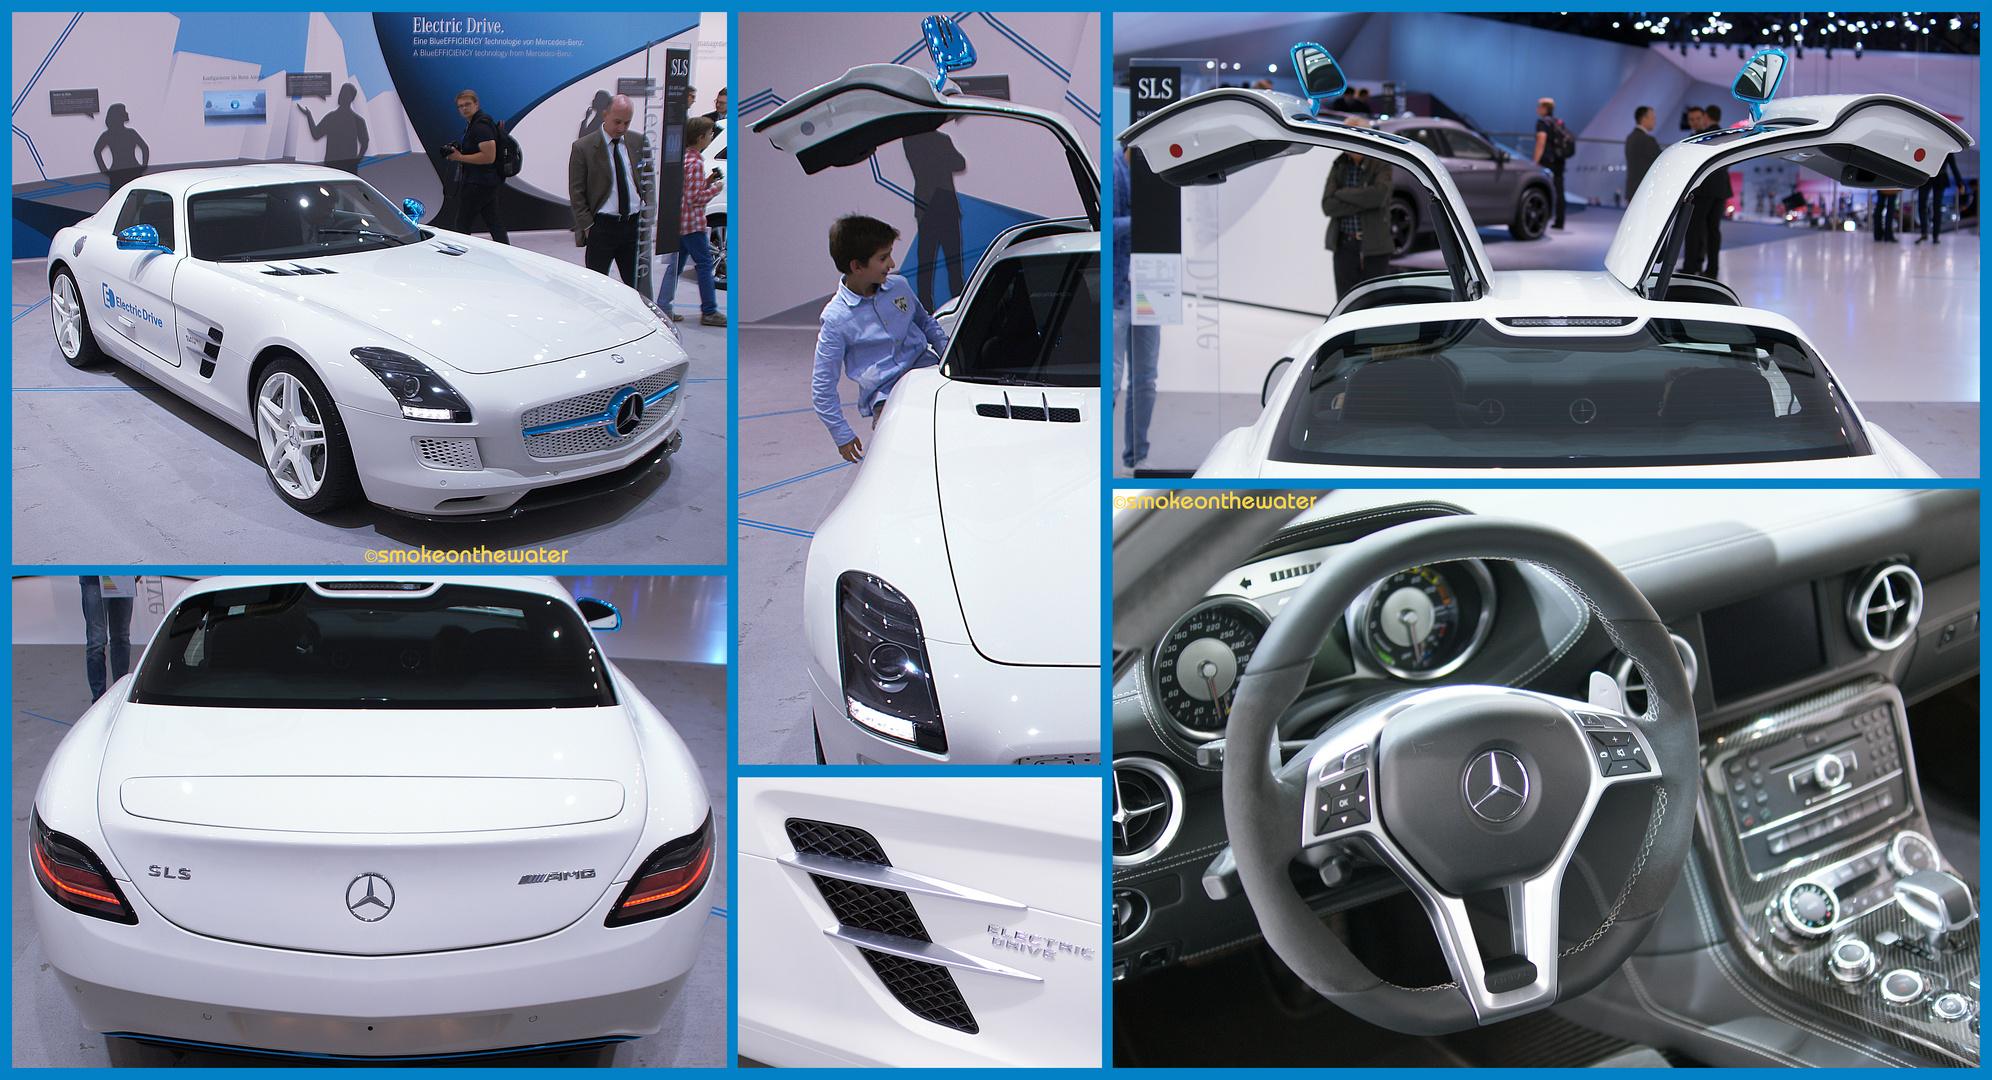 AMG-Mercedes SLS Coupé Electric Drive